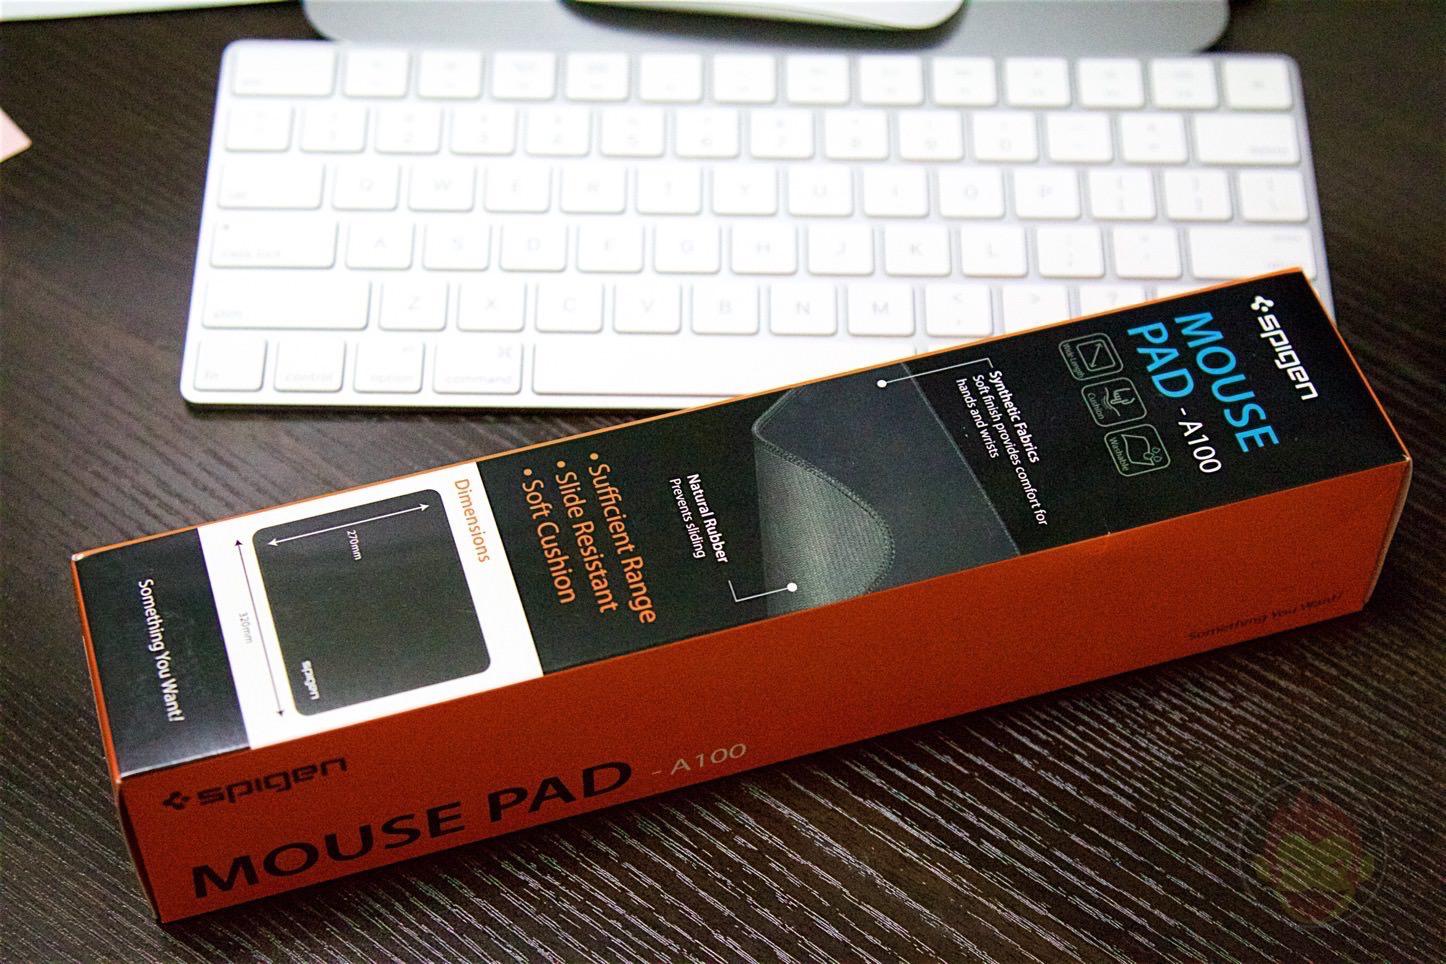 Spigen-Mouse-Pad-A100-01.jpg